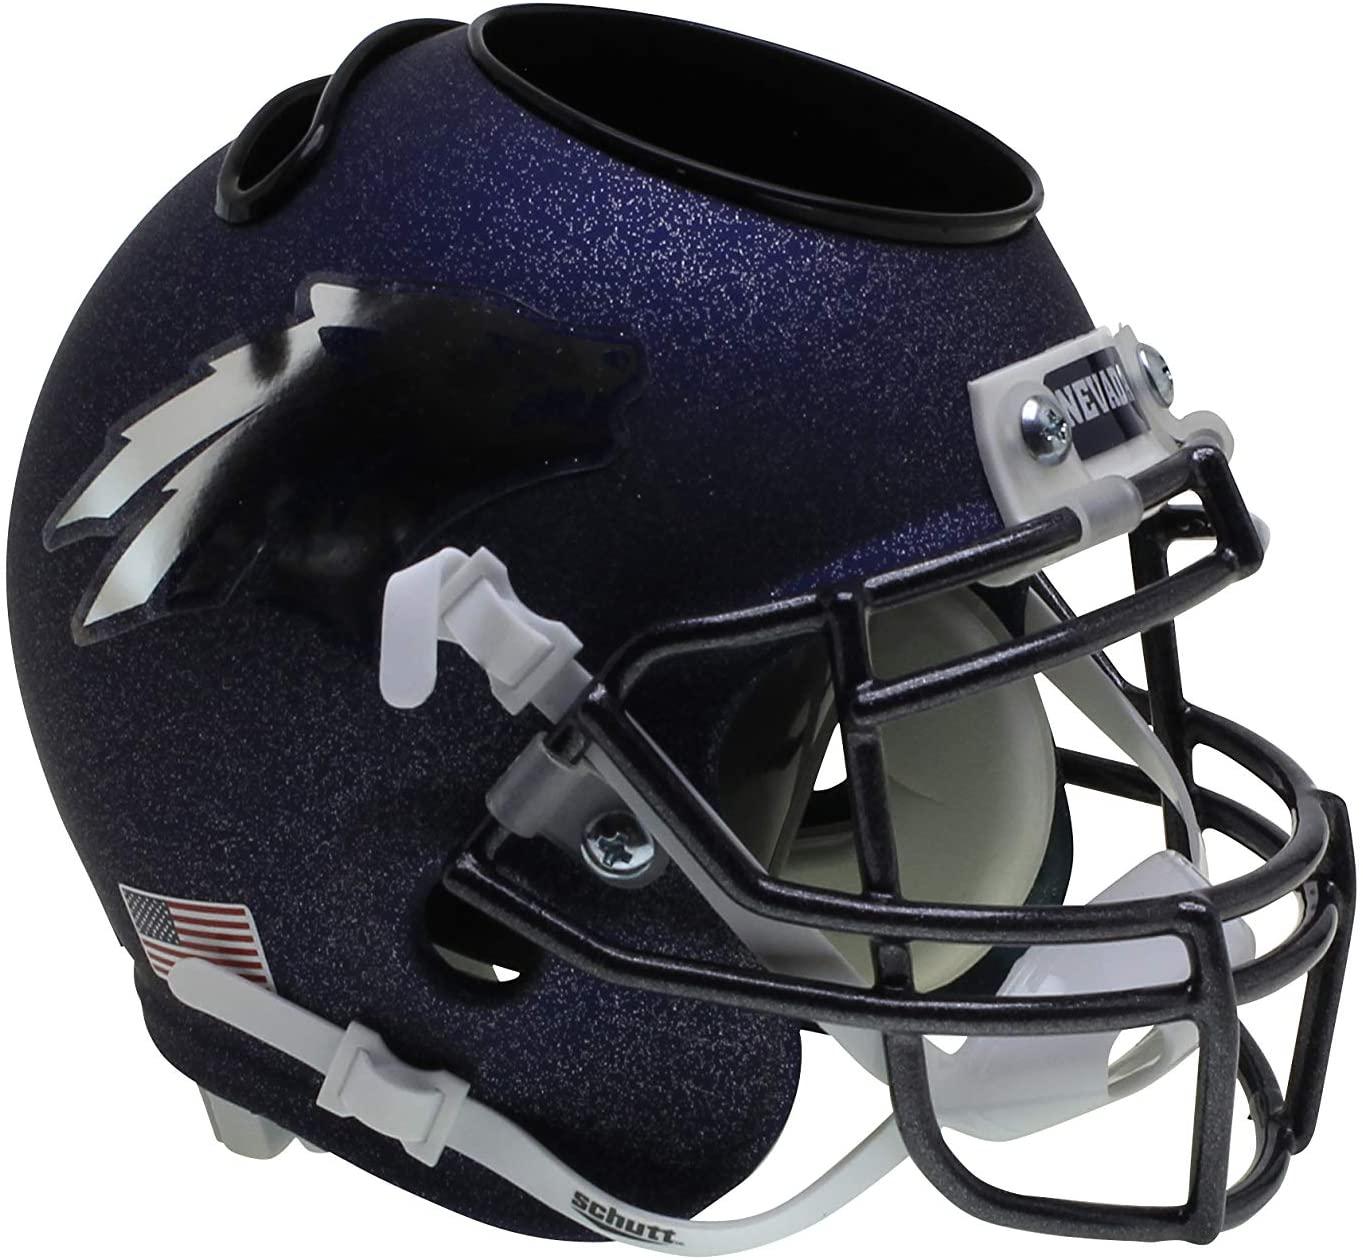 Schutt NCAA Nevada Wolfpack Football Helmet Desk Caddy